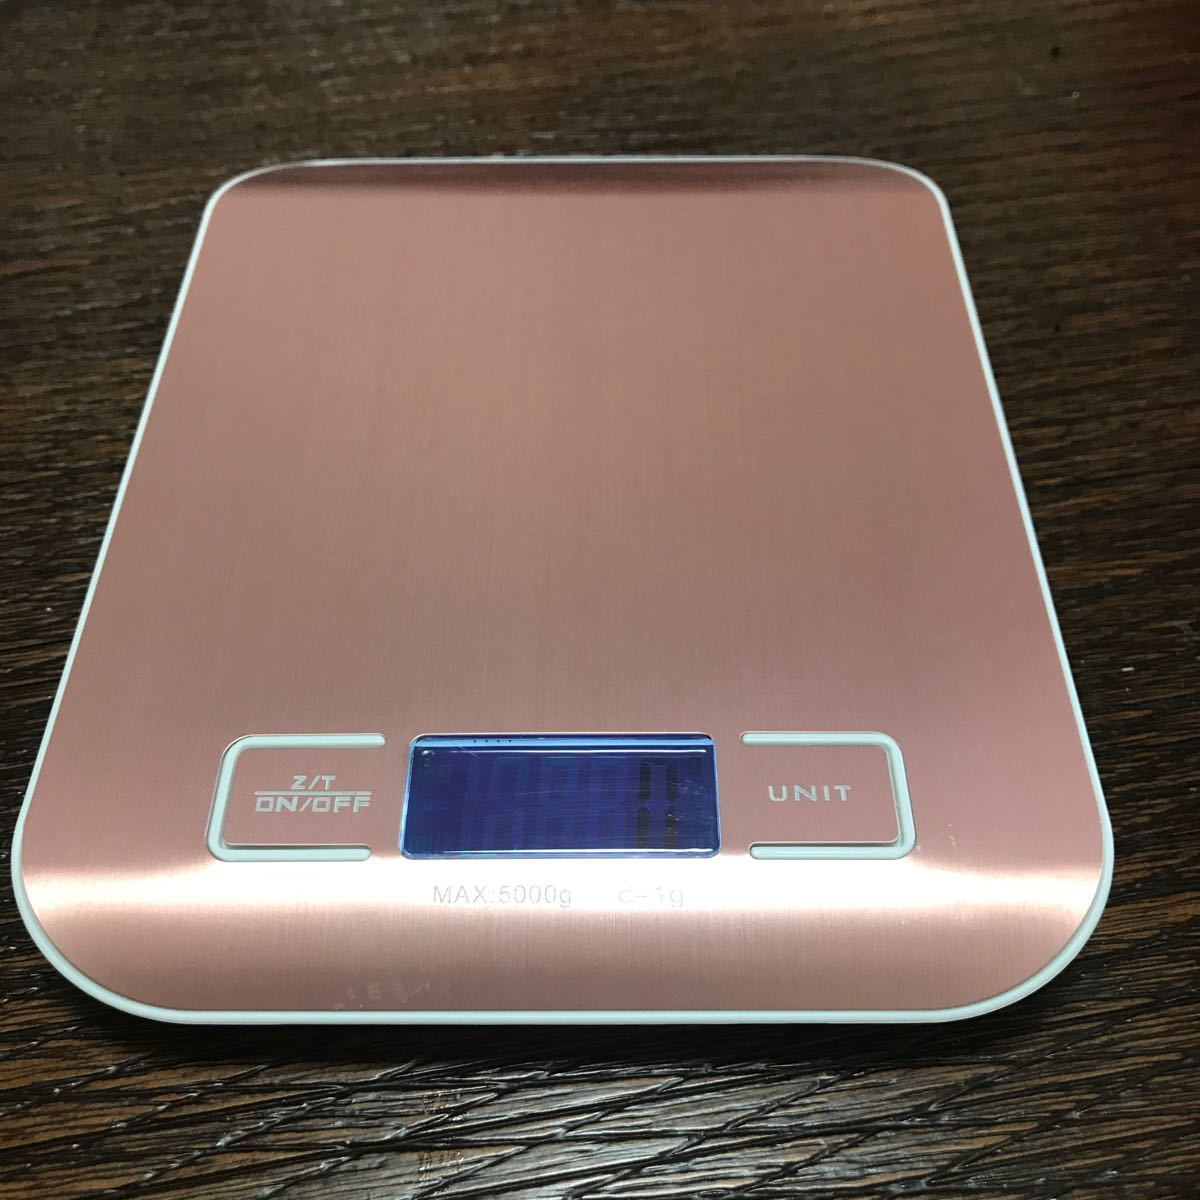 デジタルキッチンスケール1gから5キロ対応 計量器 ピンクゴールド色